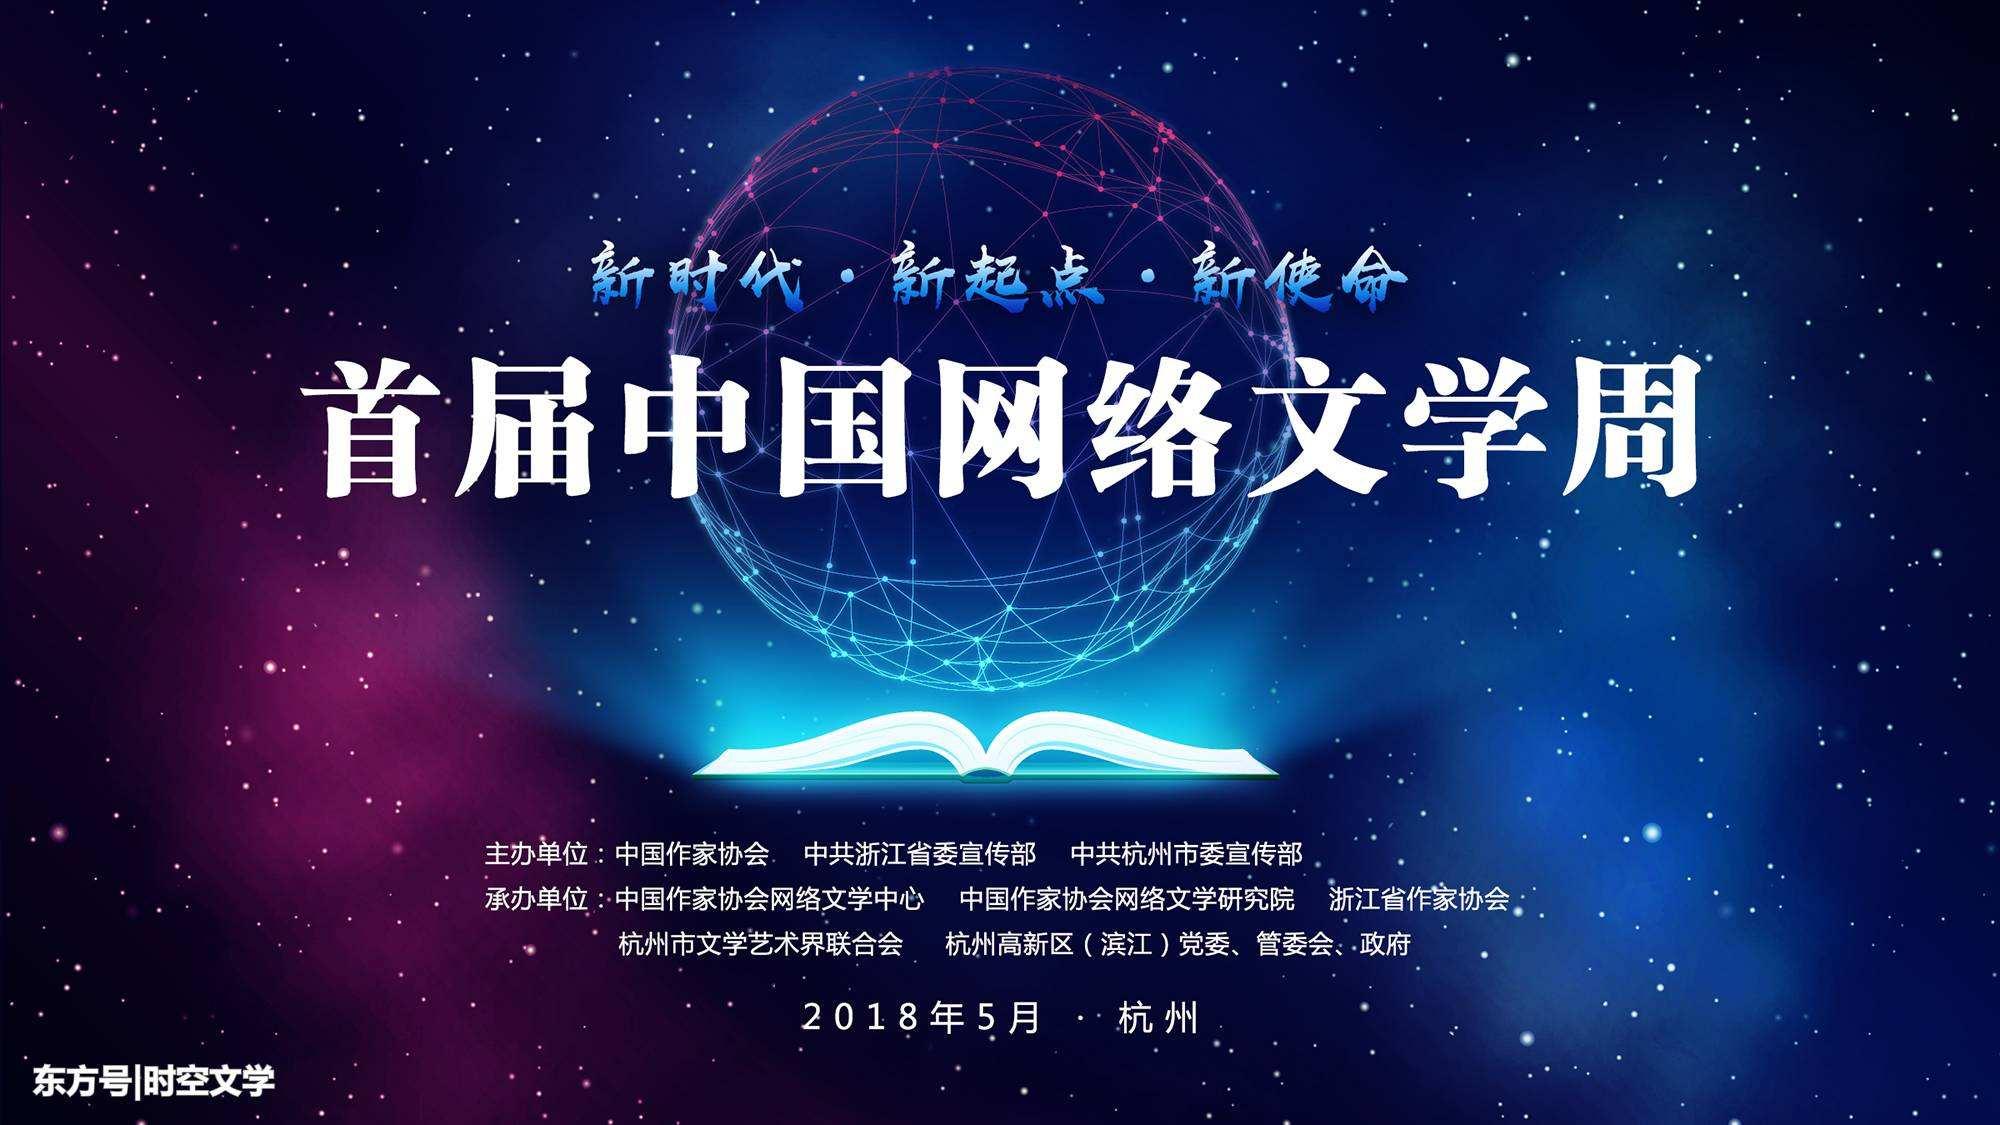 """中国网络文学周落户浙江 网络文学进入""""浙江时间"""""""